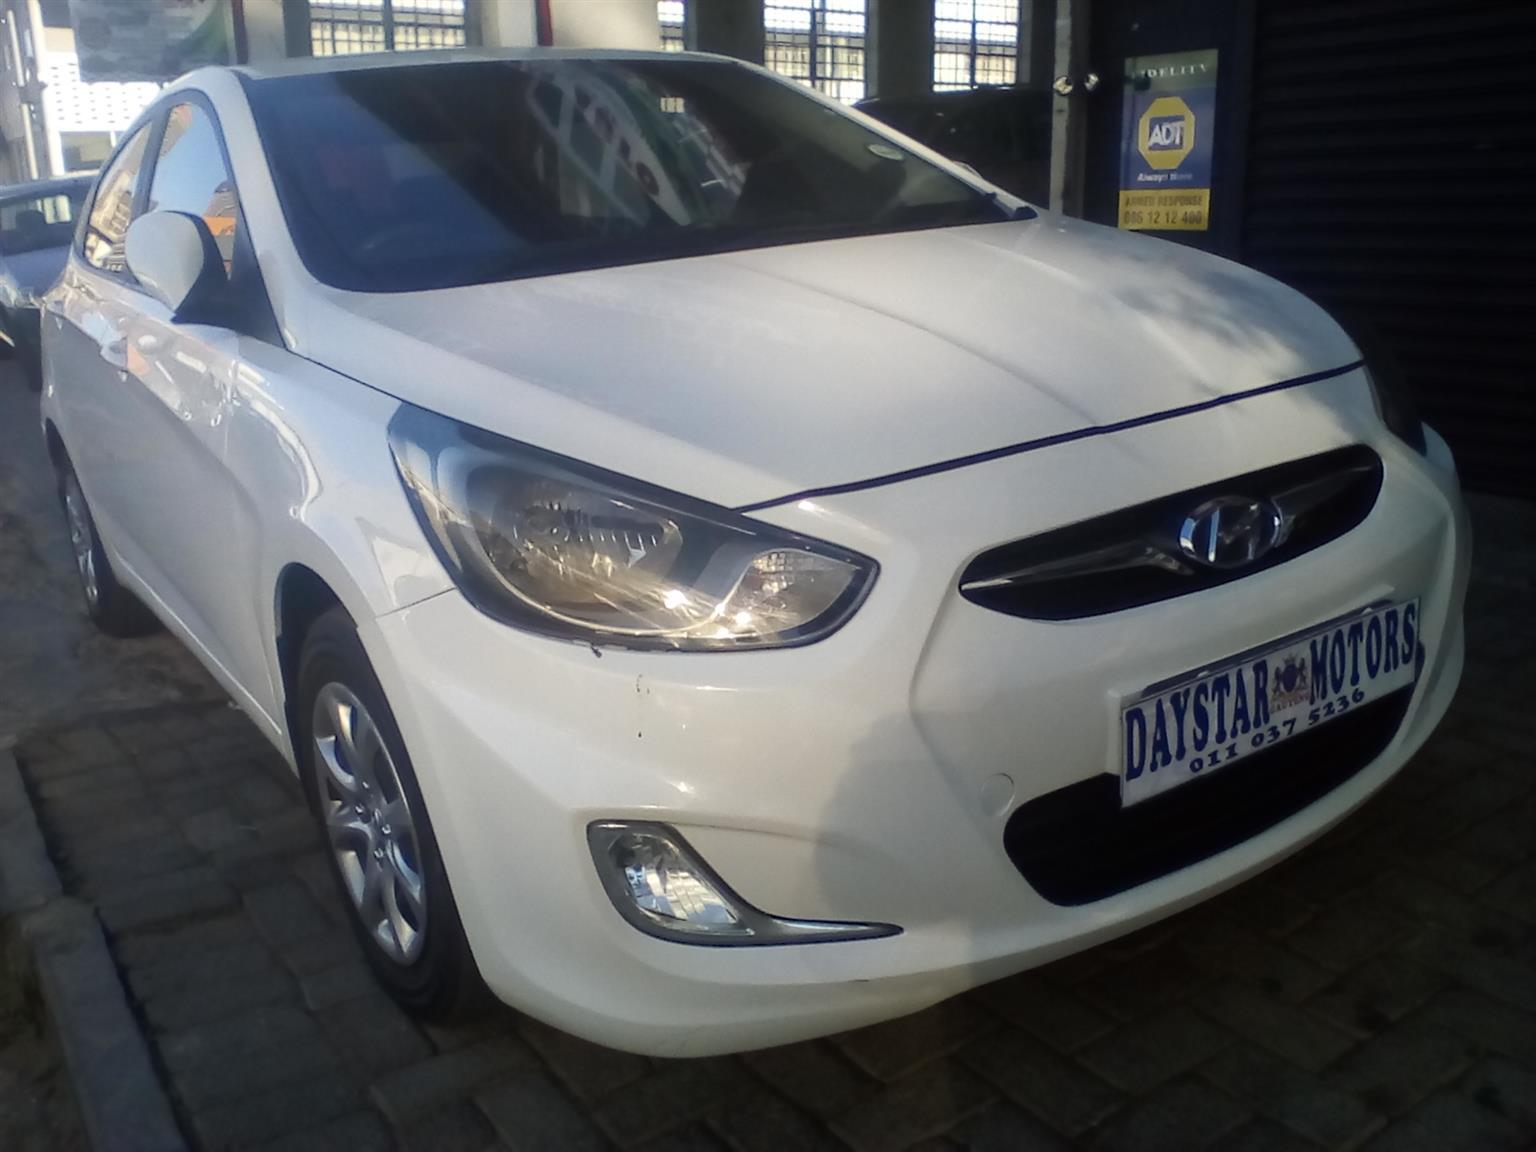 2013 Hyundai Accent Sedan 1.6 Motion